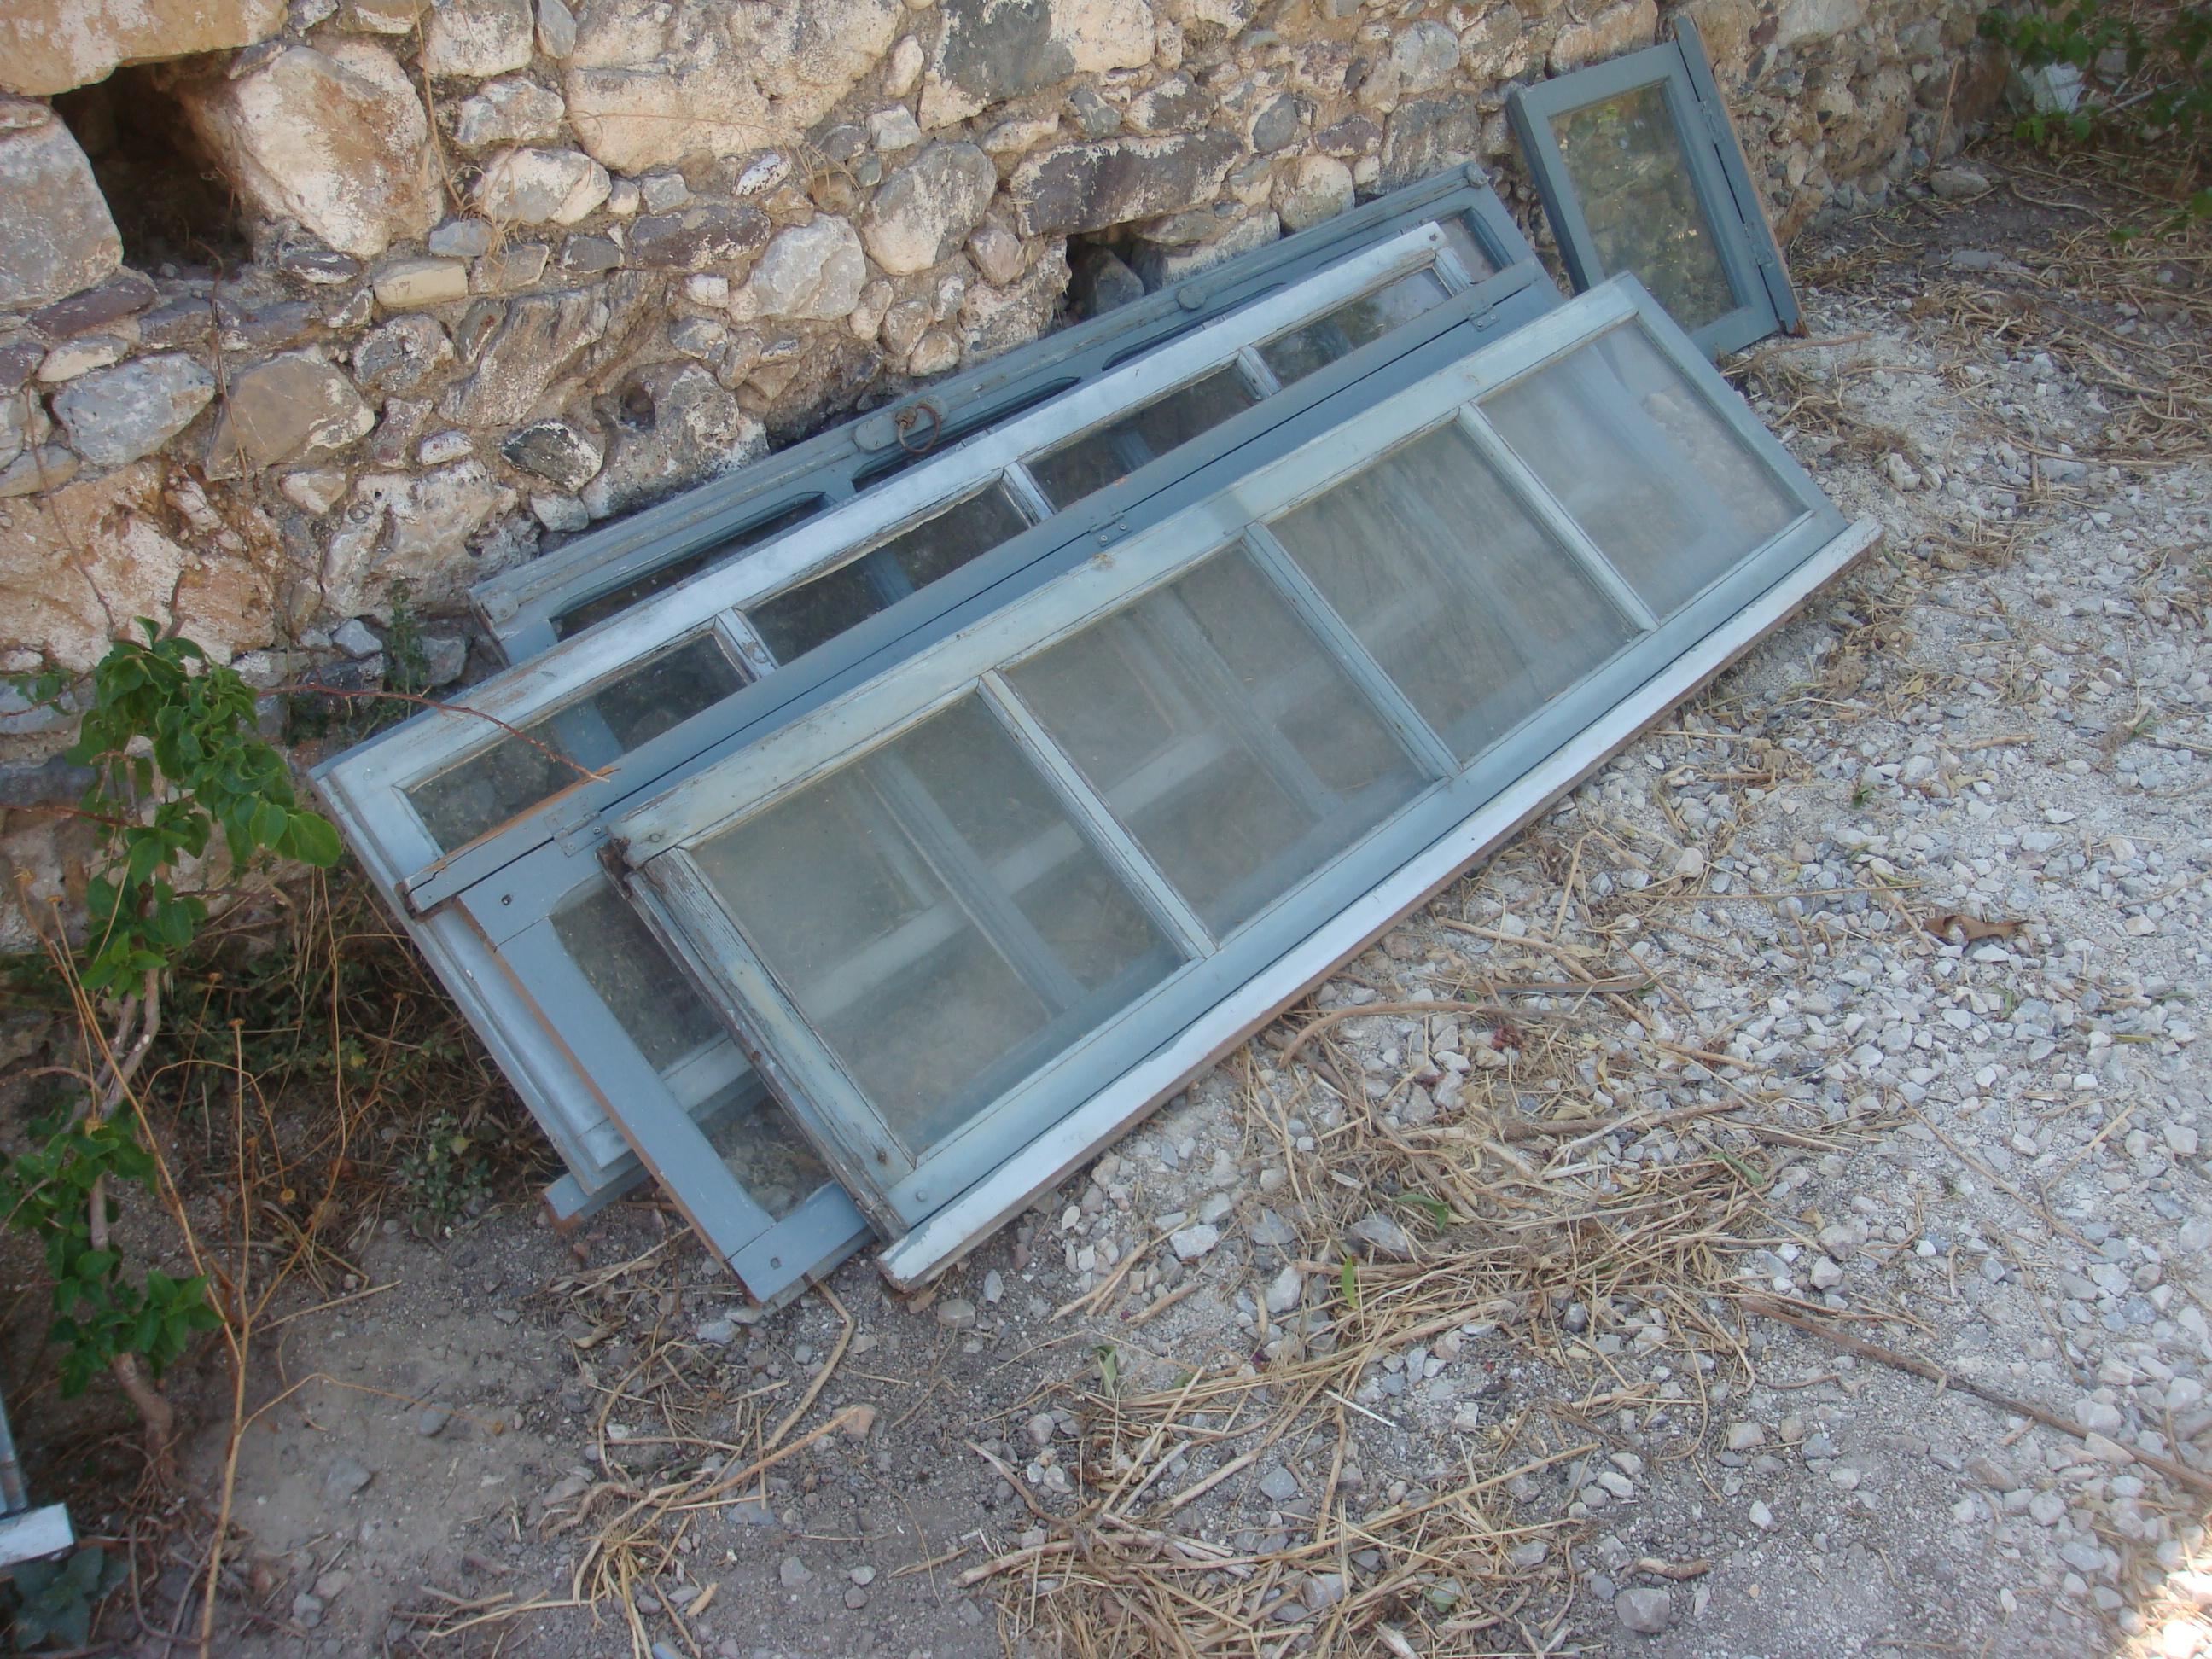 #506B7B Casa Arte Amiga Página: 2 1564 Vidros De Janelas Quebrados